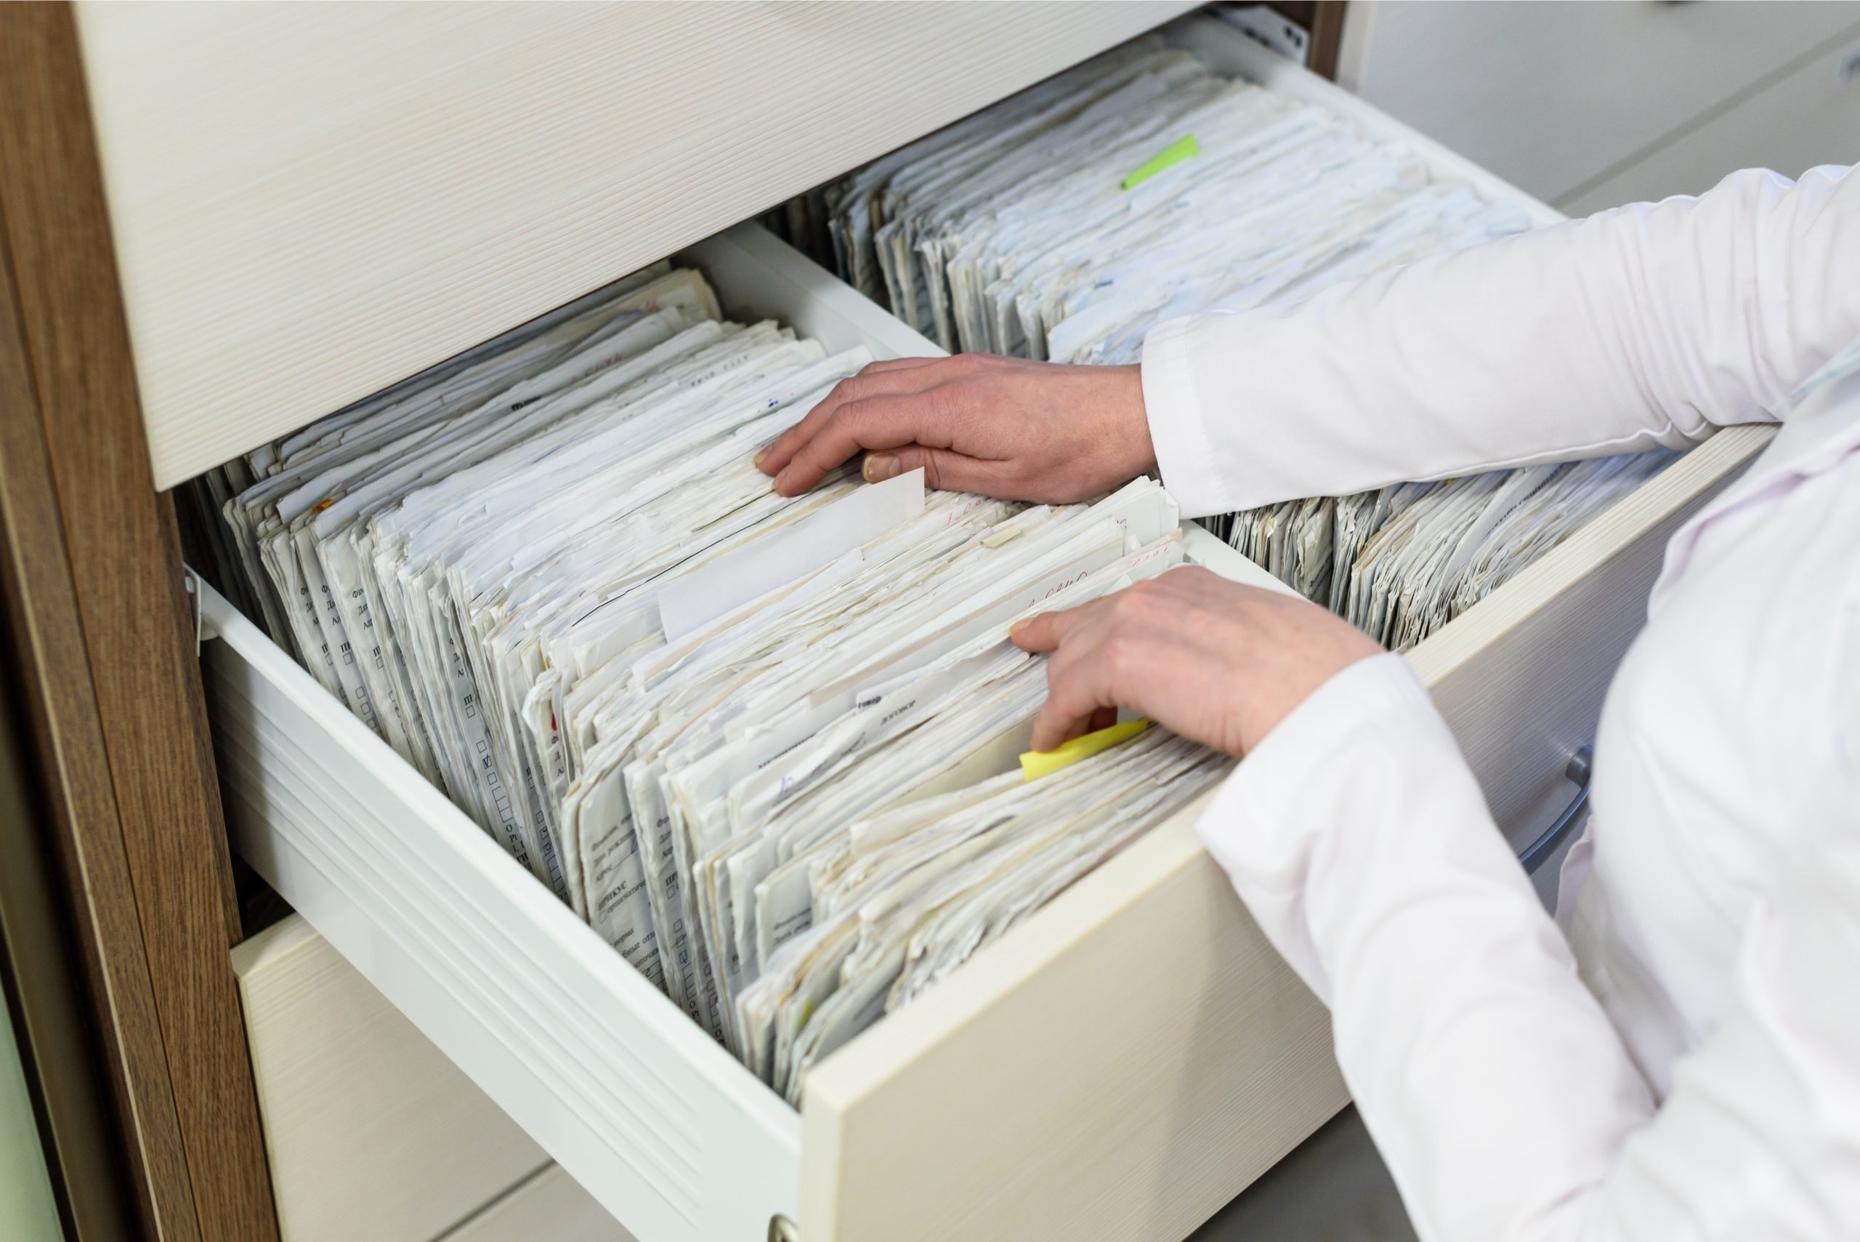 Paper-based hospital management